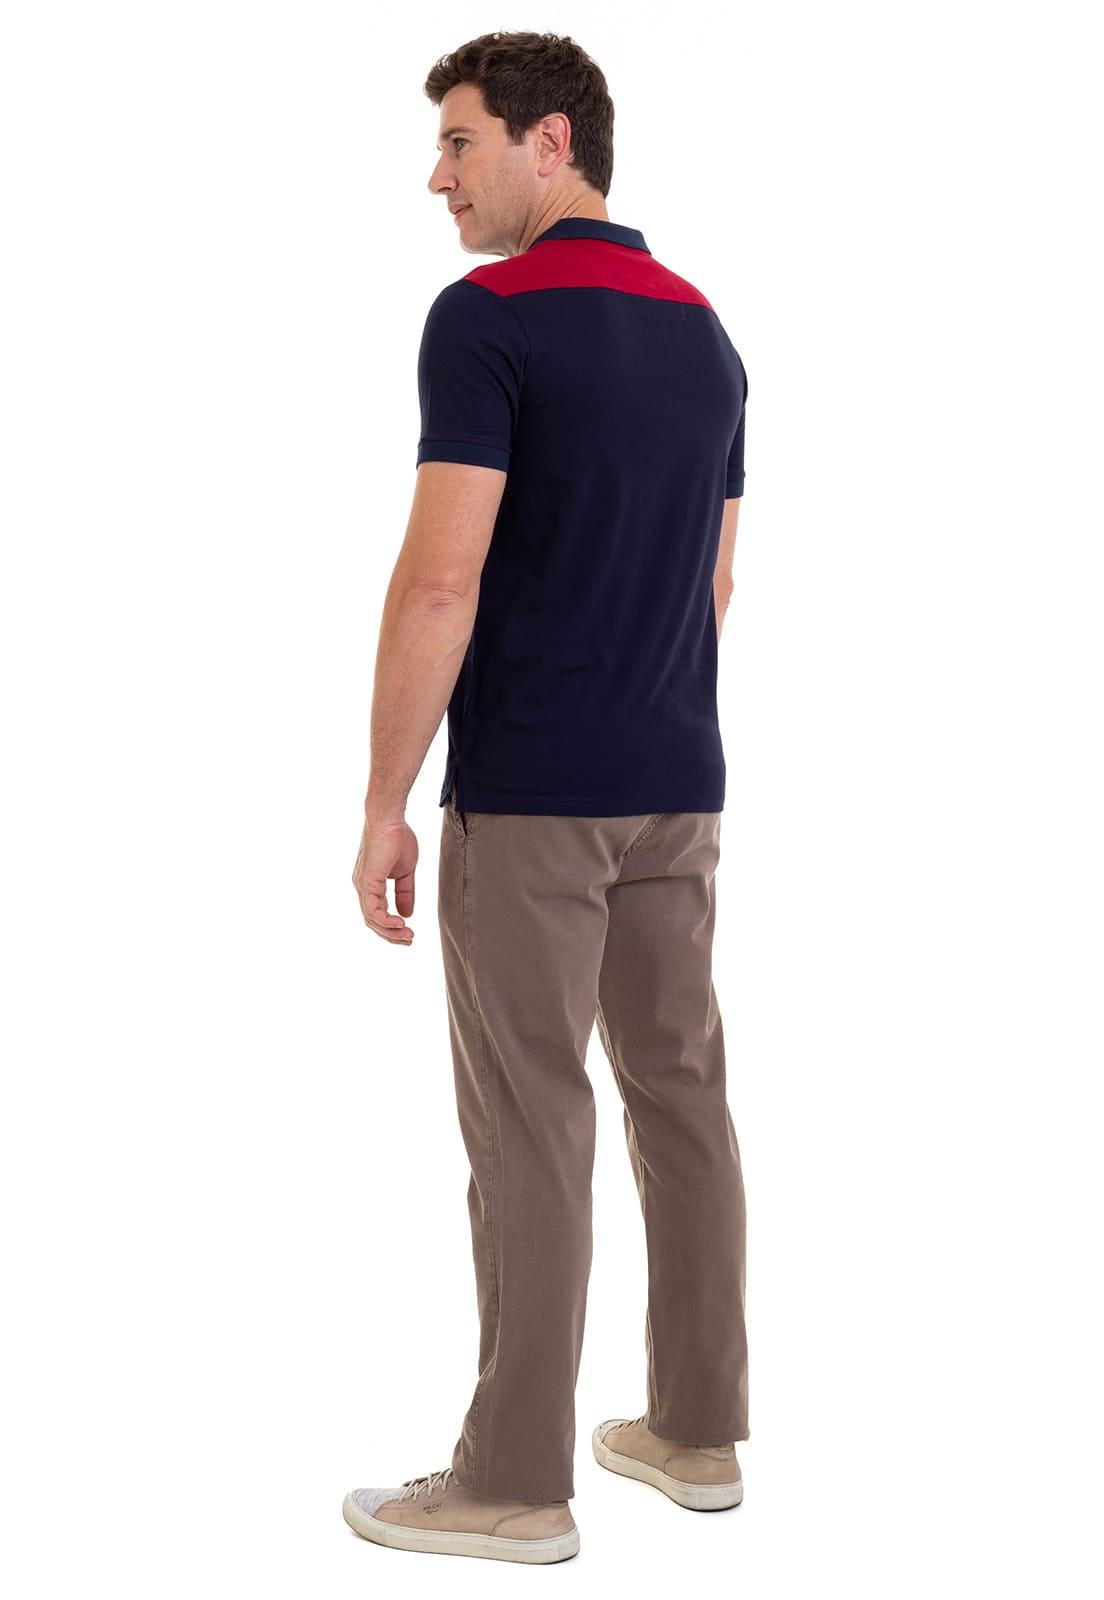 Camiseta  Hifen em Malha Premium